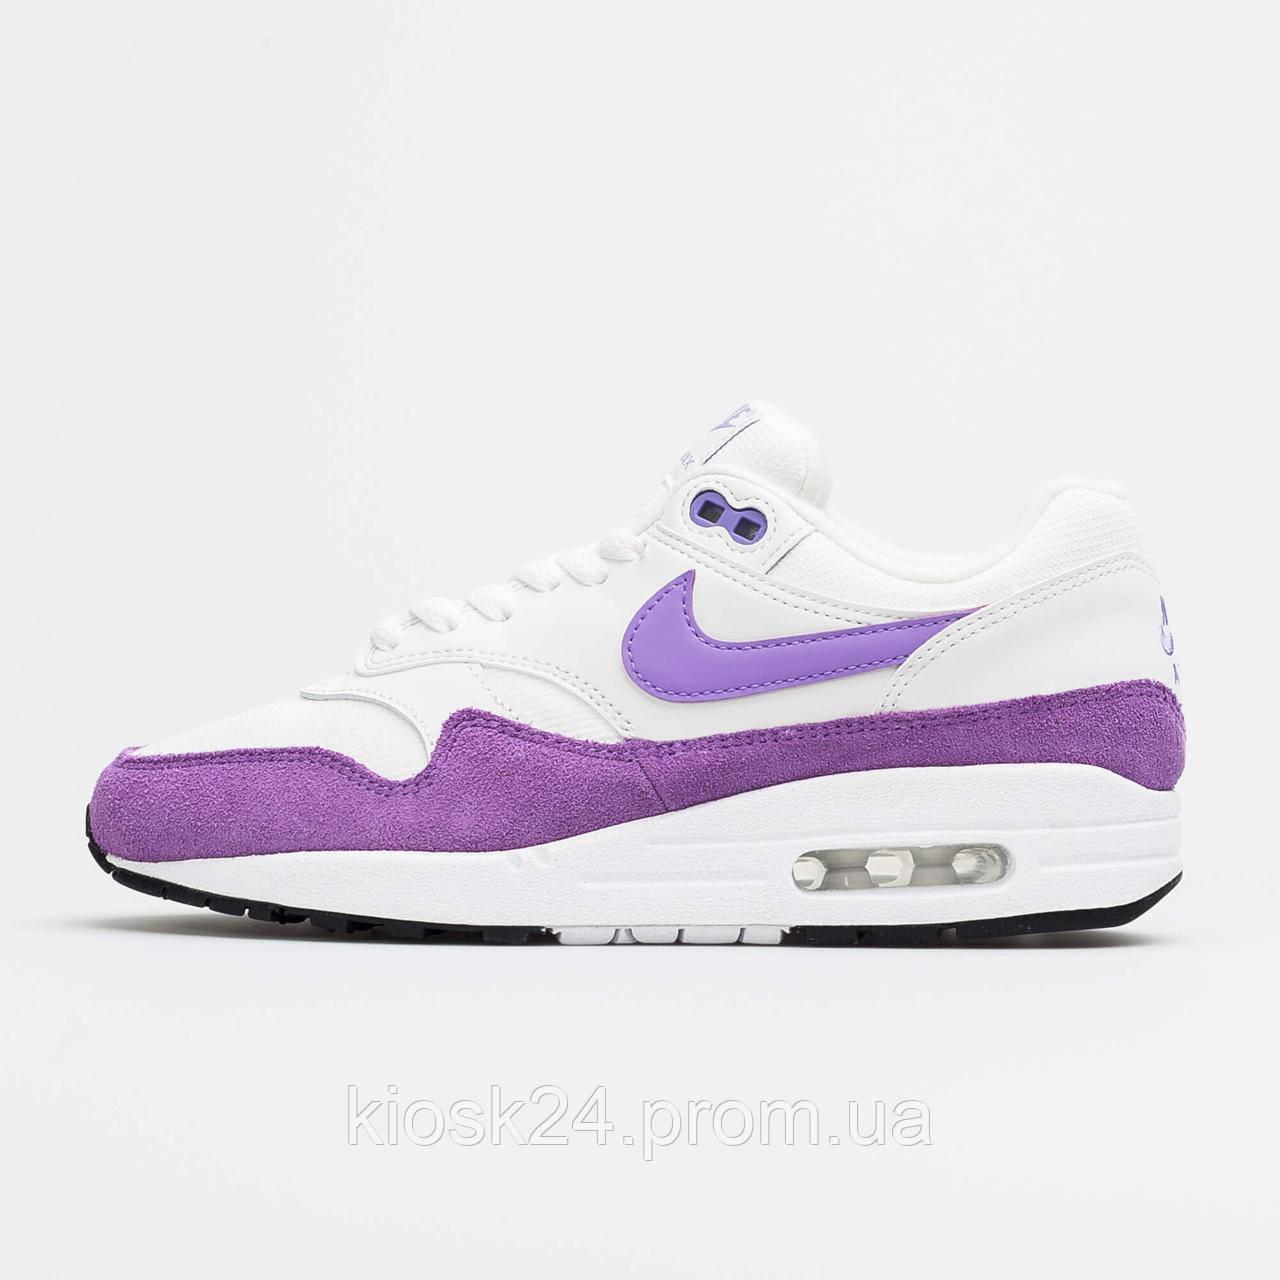 b853210a Оригинальные кроссовки Nike Wmns Air Max 1